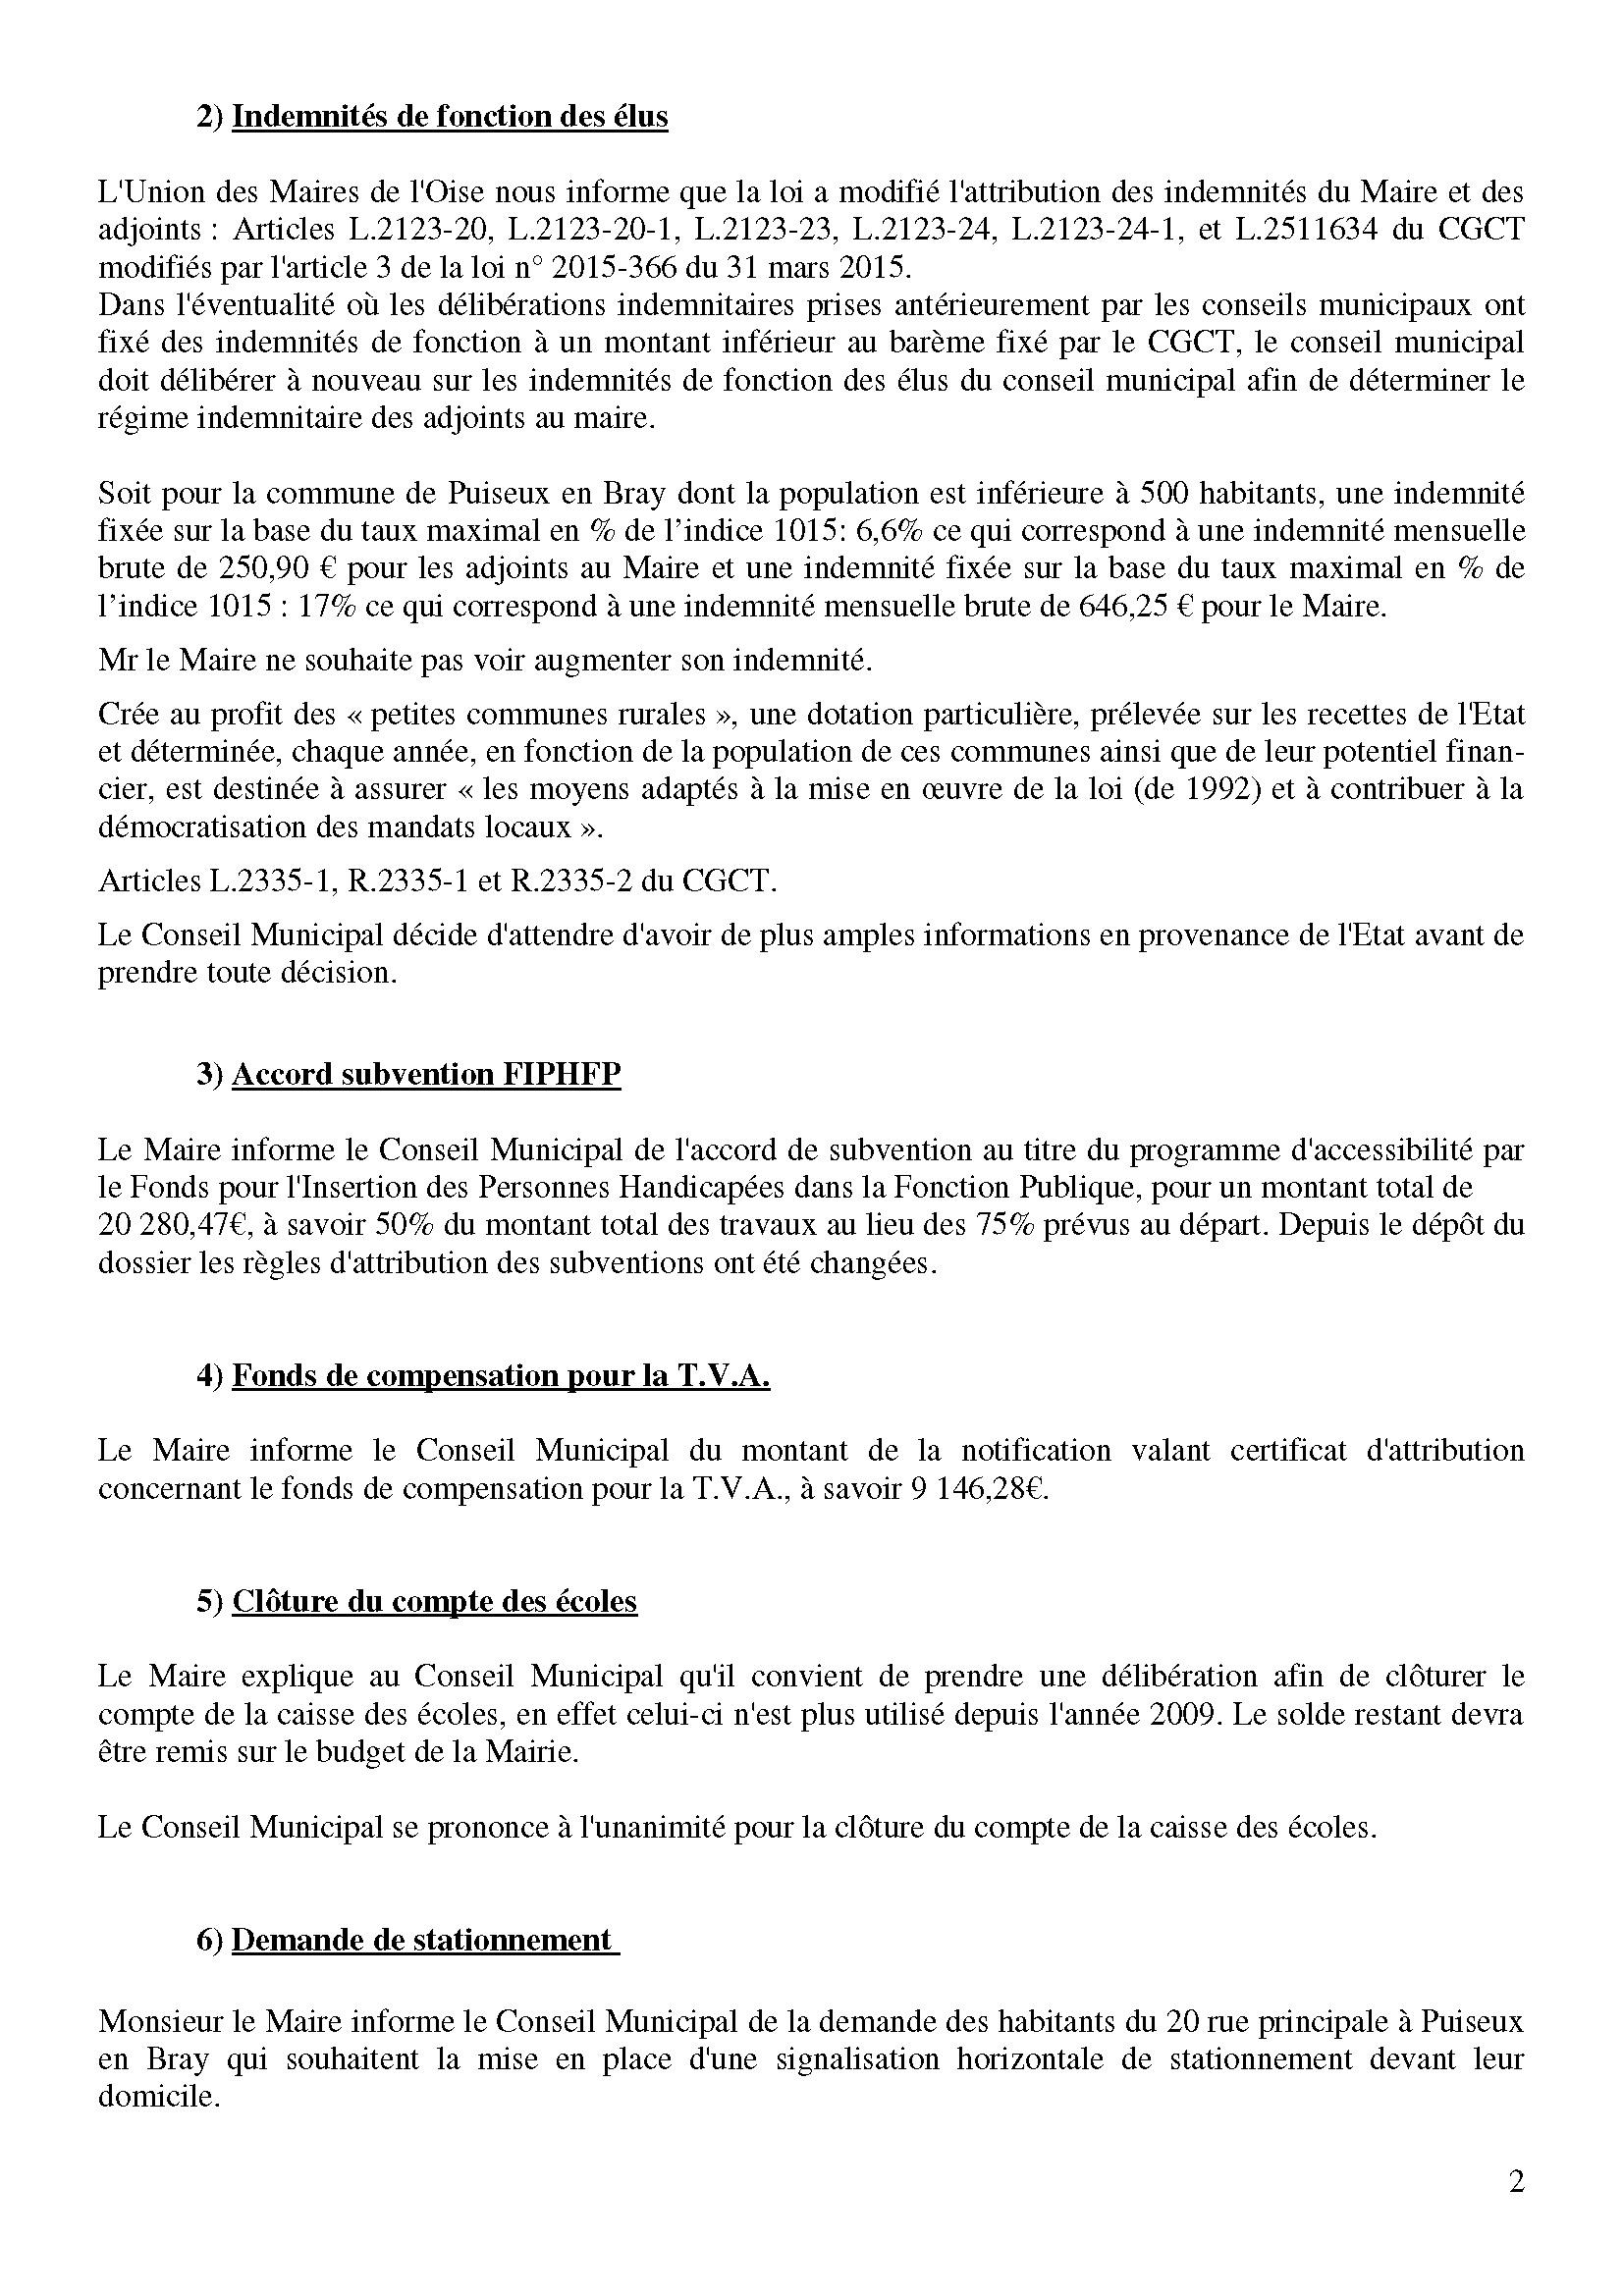 cr-du-26022016-page-2